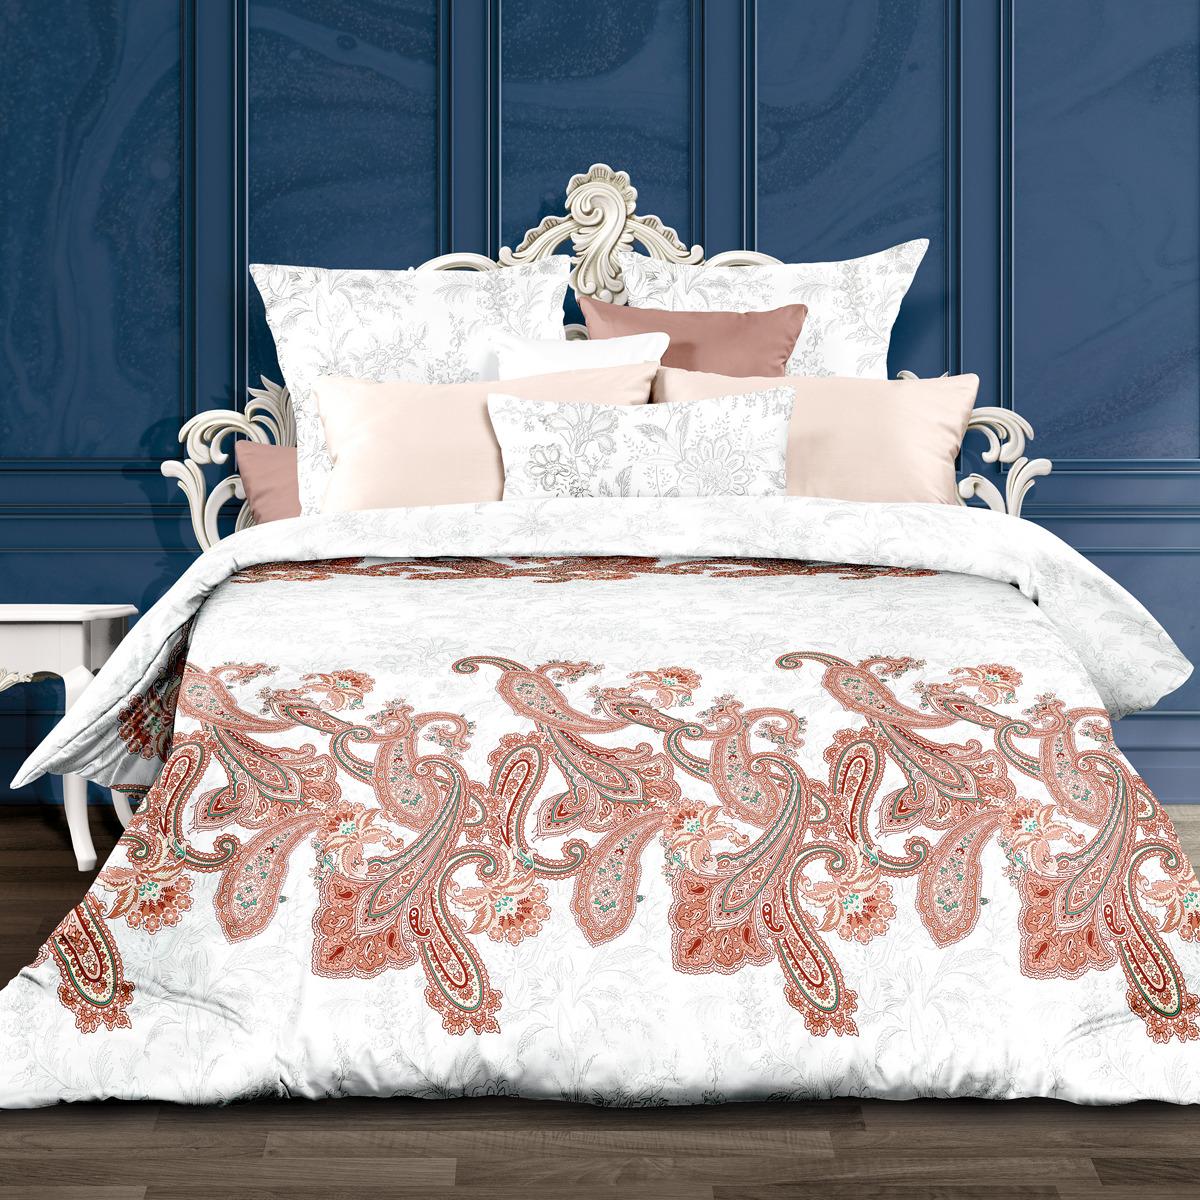 Комплект постельного белья Унисон Адель, 556882, 1,5-спальный, наволочки 70x70 комплект постельного белья унисон бархат